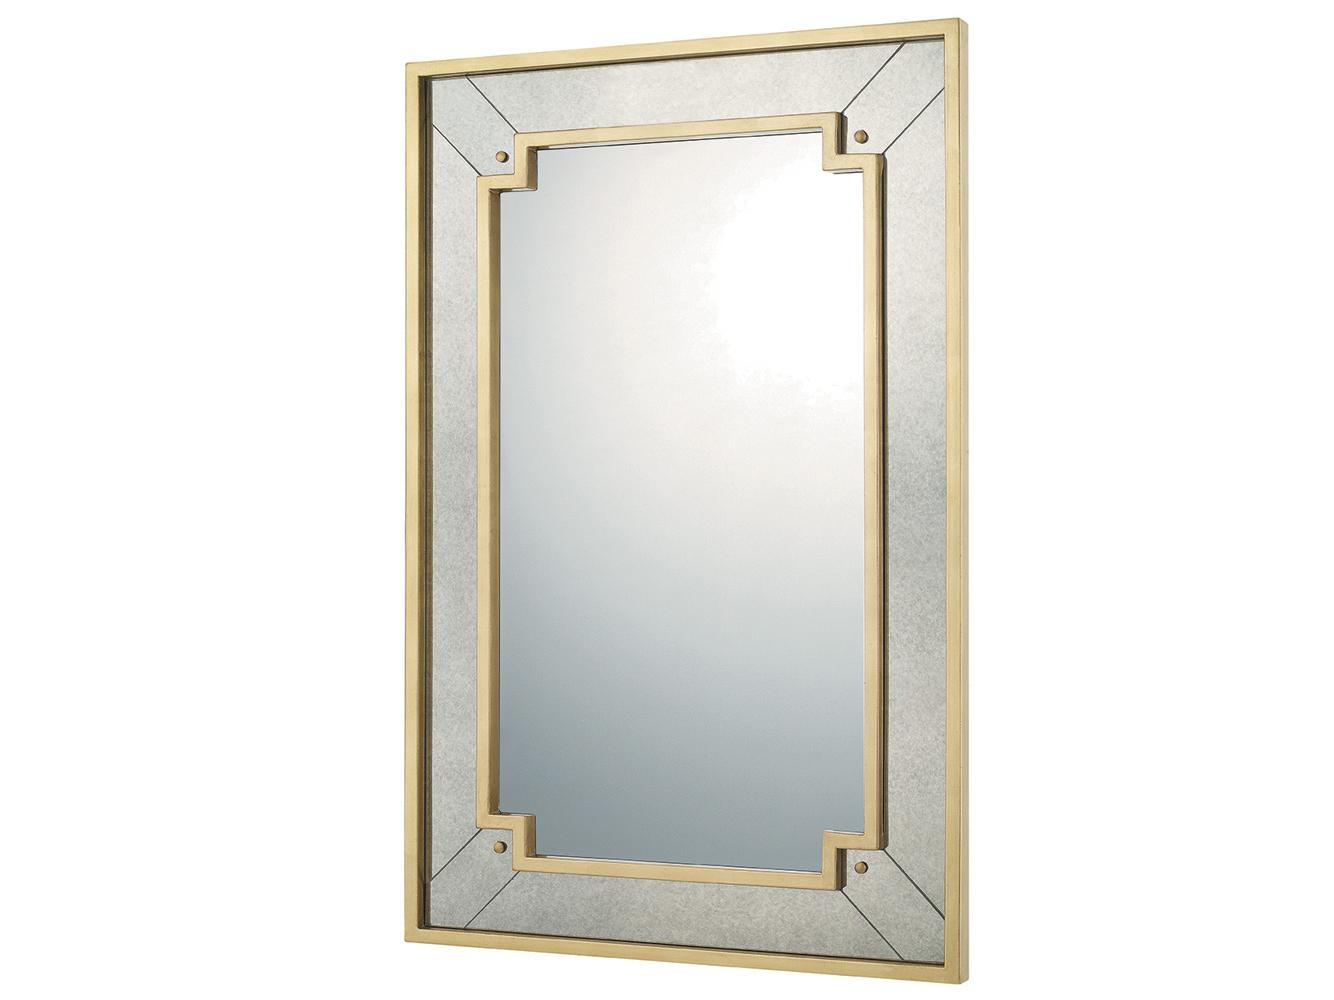 Настенное зеркало «Саттон»Настенные зеркала<br>Любители кельтских интерьеров отметят аристократично строгий орнамент зеркала «Саттон». Знатоки венецианской школы выберут серебристый отблеск рамы, вторящей зеркальному полотну. Матовый золотистый оттенок и безупречная геометрия придутся по вкусу ценителям постмодерна. Рама слегка состарена. Зеркальное полотно покрыто серебряной амальгамой.<br><br>kit: None<br>gender: None